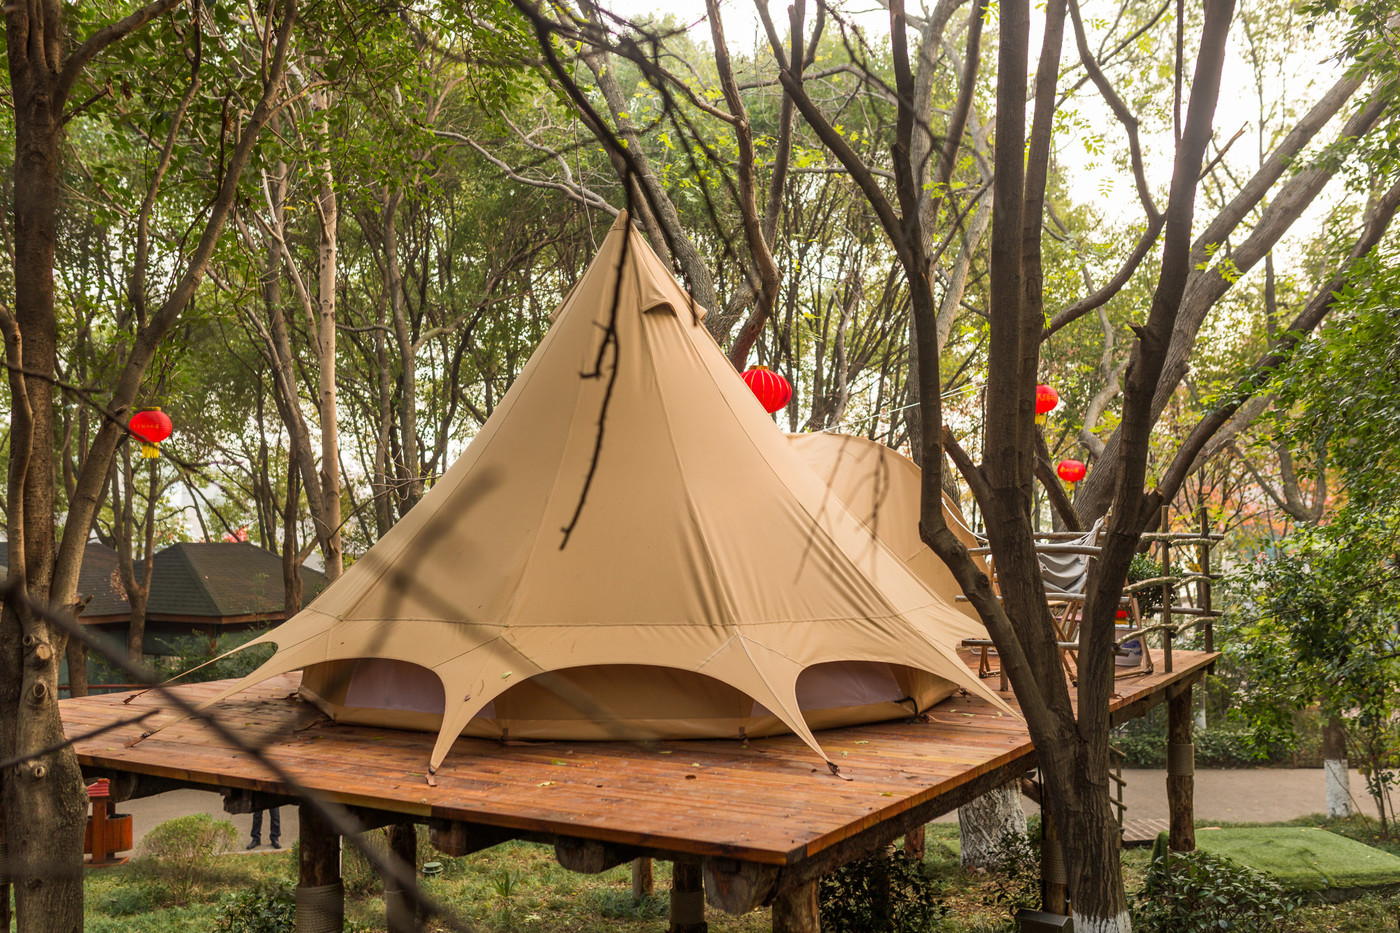 喜马拉雅野奢帐篷酒店—江苏常州天目湖树屋帐篷酒店25